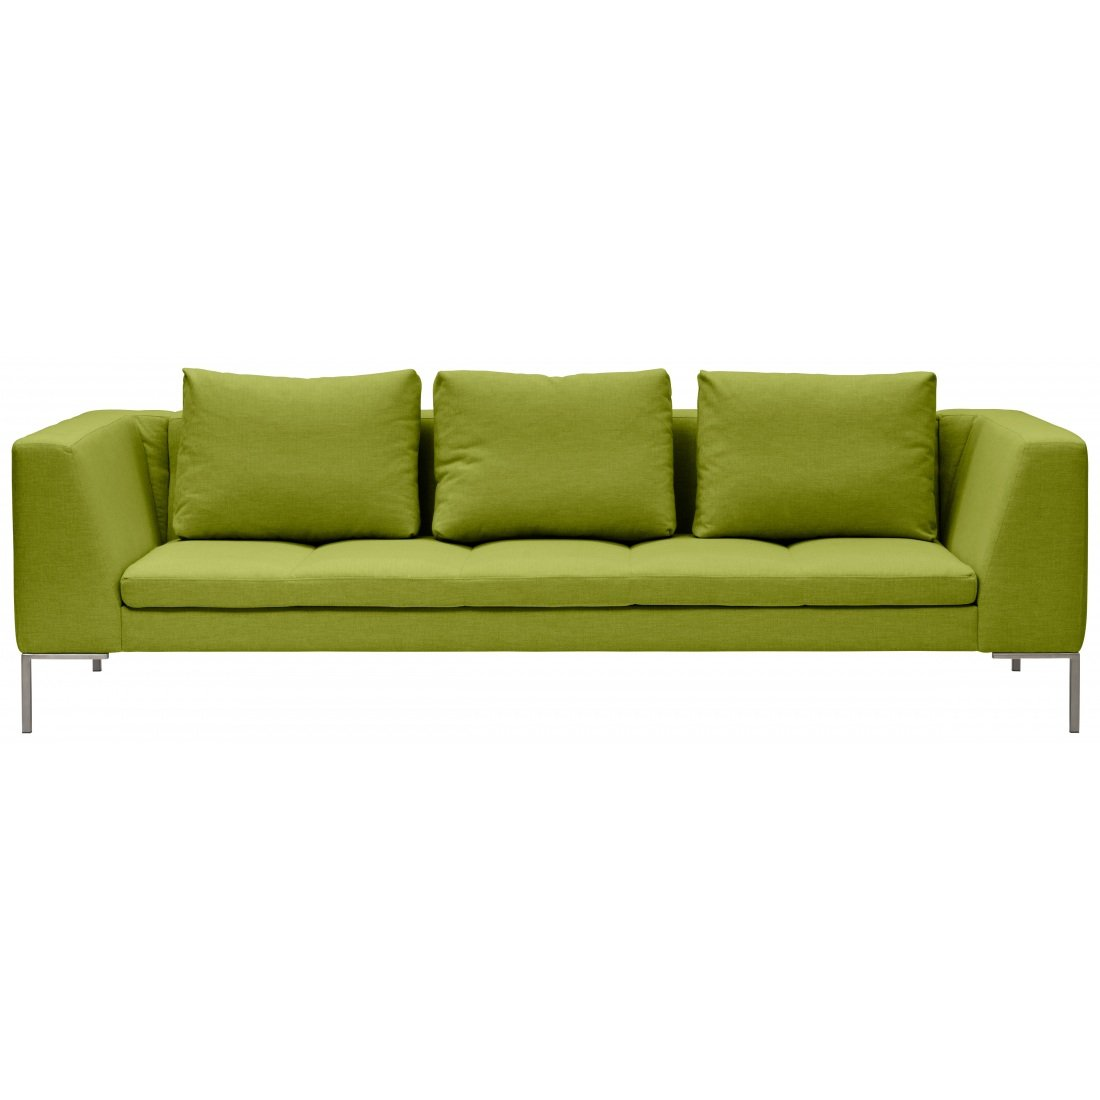 wohnzimmer sofa g nstig verschiedene. Black Bedroom Furniture Sets. Home Design Ideas